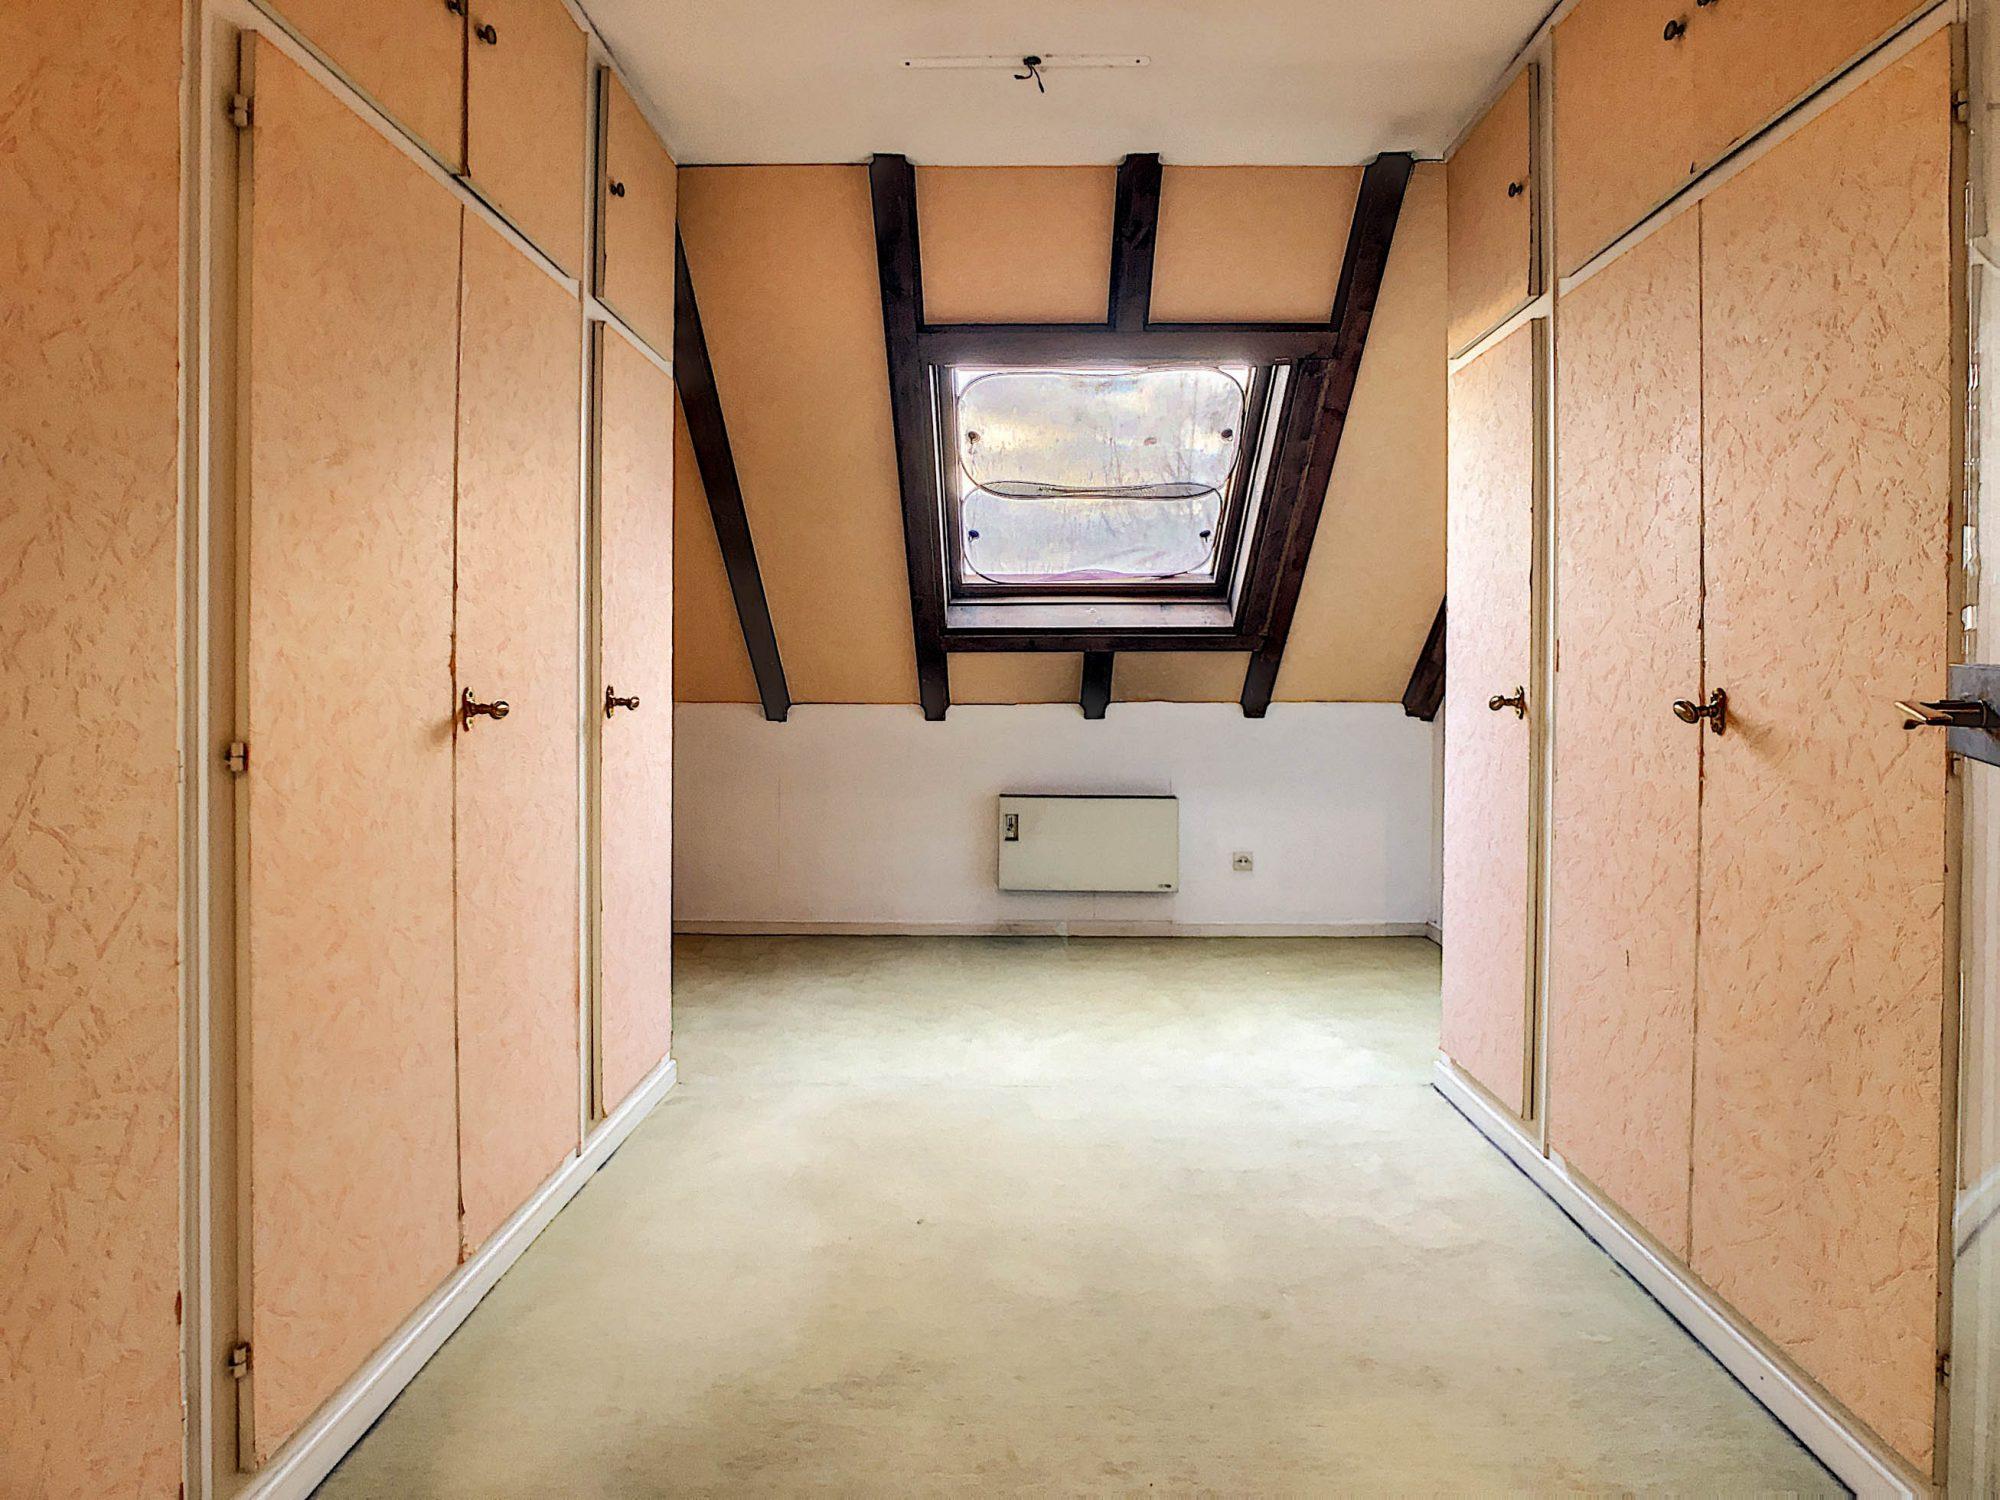 Maison individuelle 8 pièces de 250m2 à Illkirch-Graffenstaden - Devenez propriétaire en toute confiance - Bintz Immobilier - 16